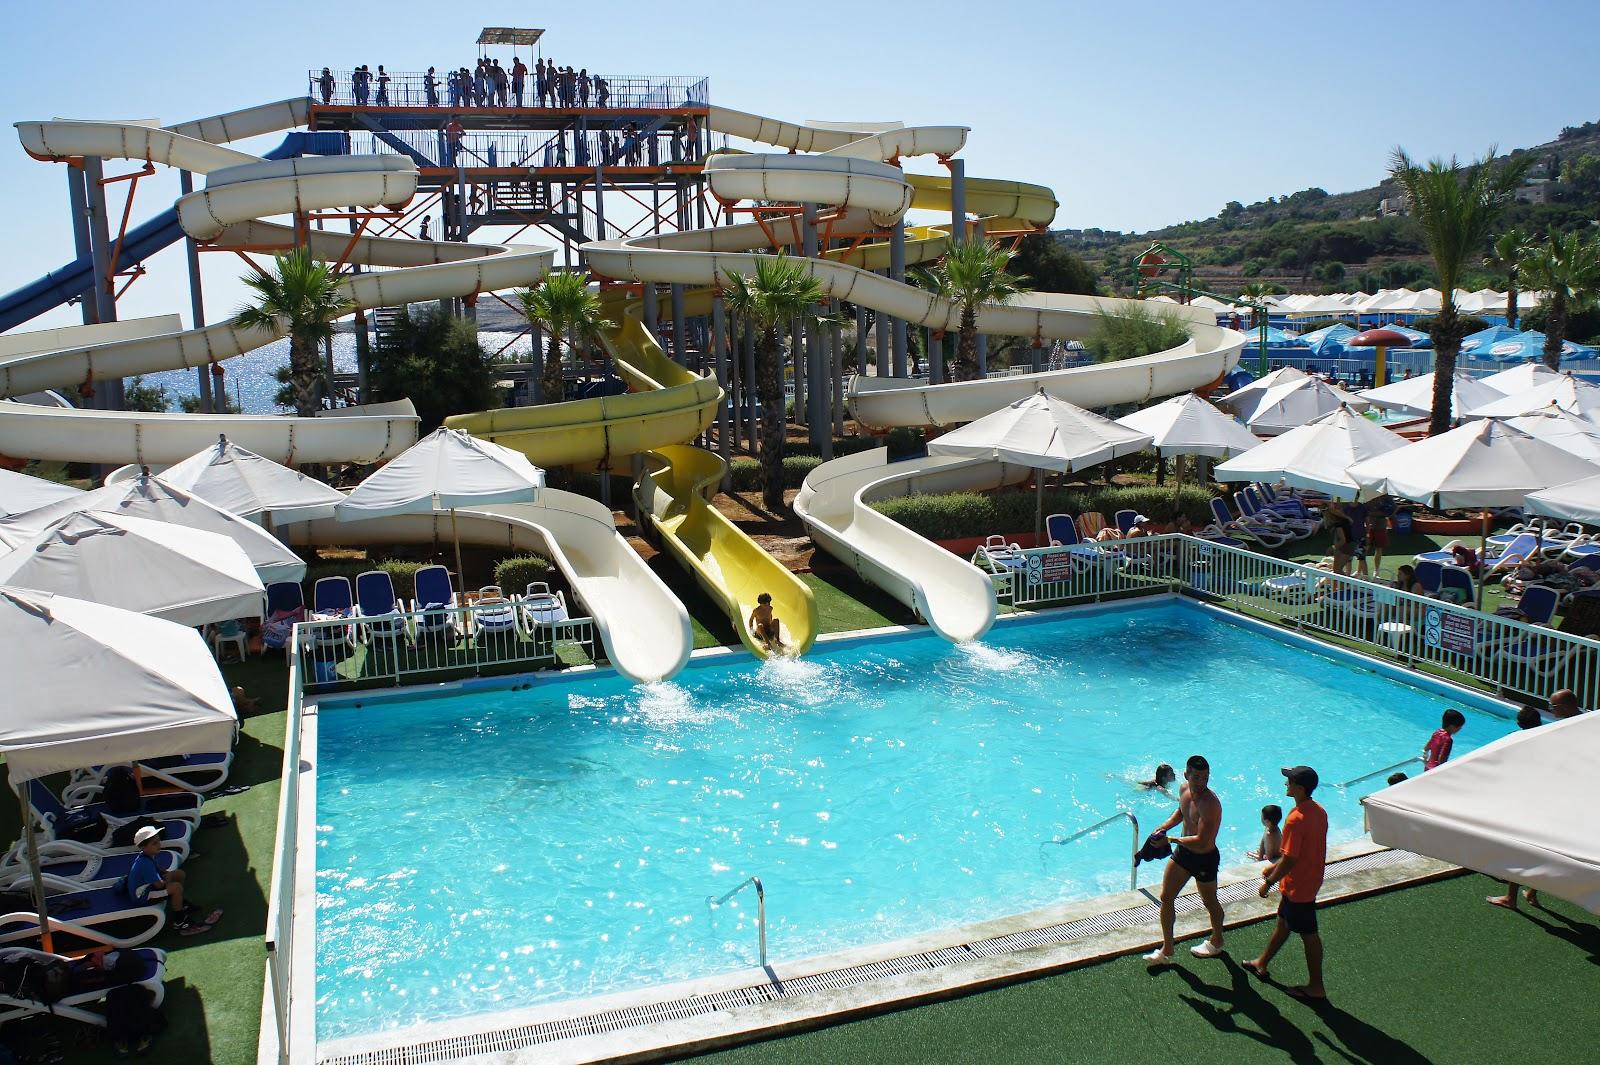 Water Park Slide Splash 'n fun waterpark, malta